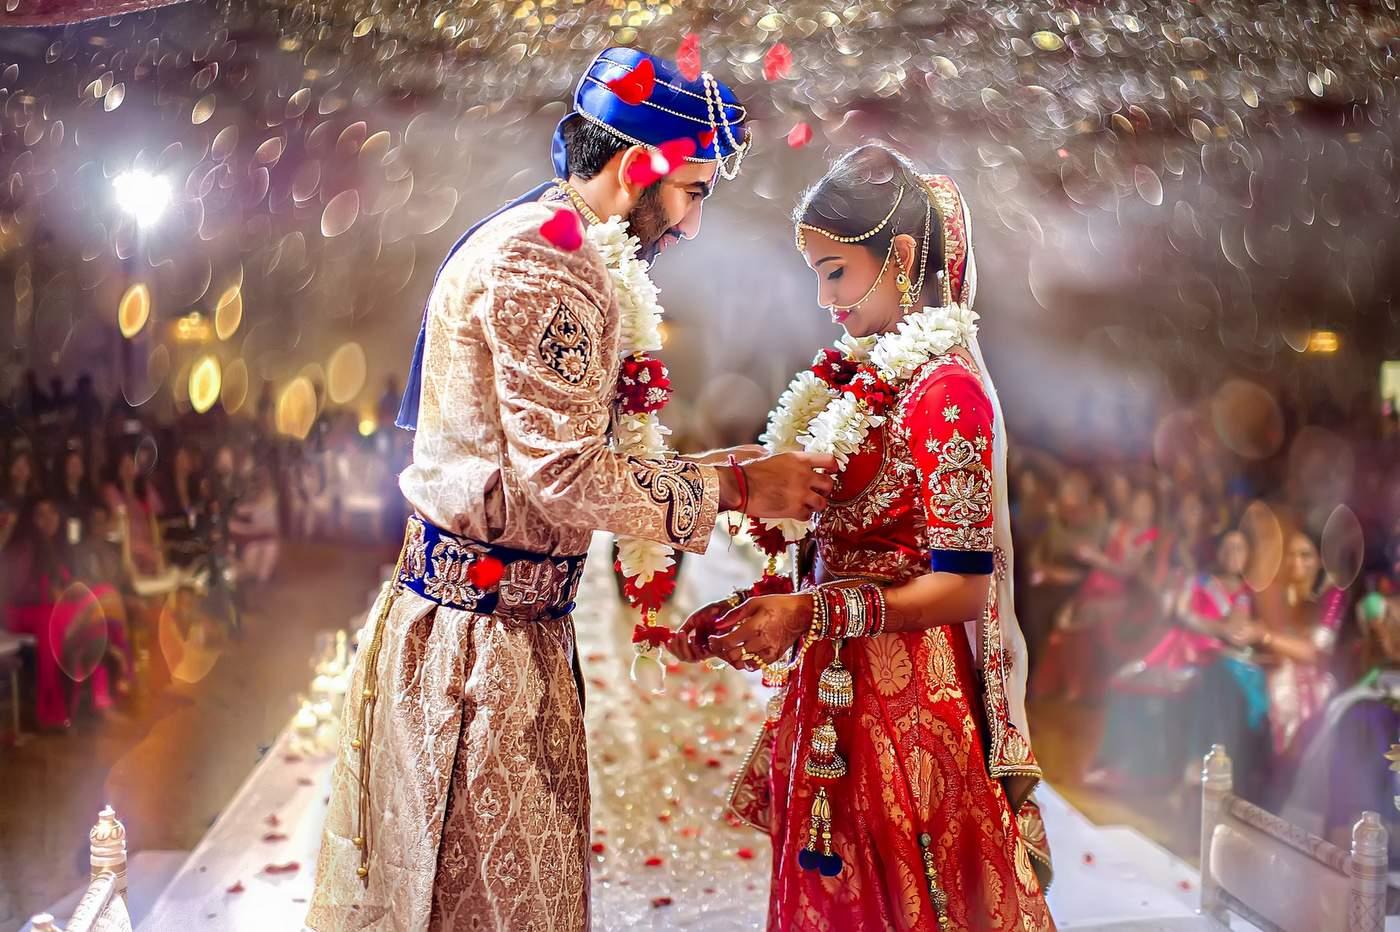 Indian Wedding Photography.Shivani Ajay Hindu Indian Wedding Innisbrook Resort Tampa